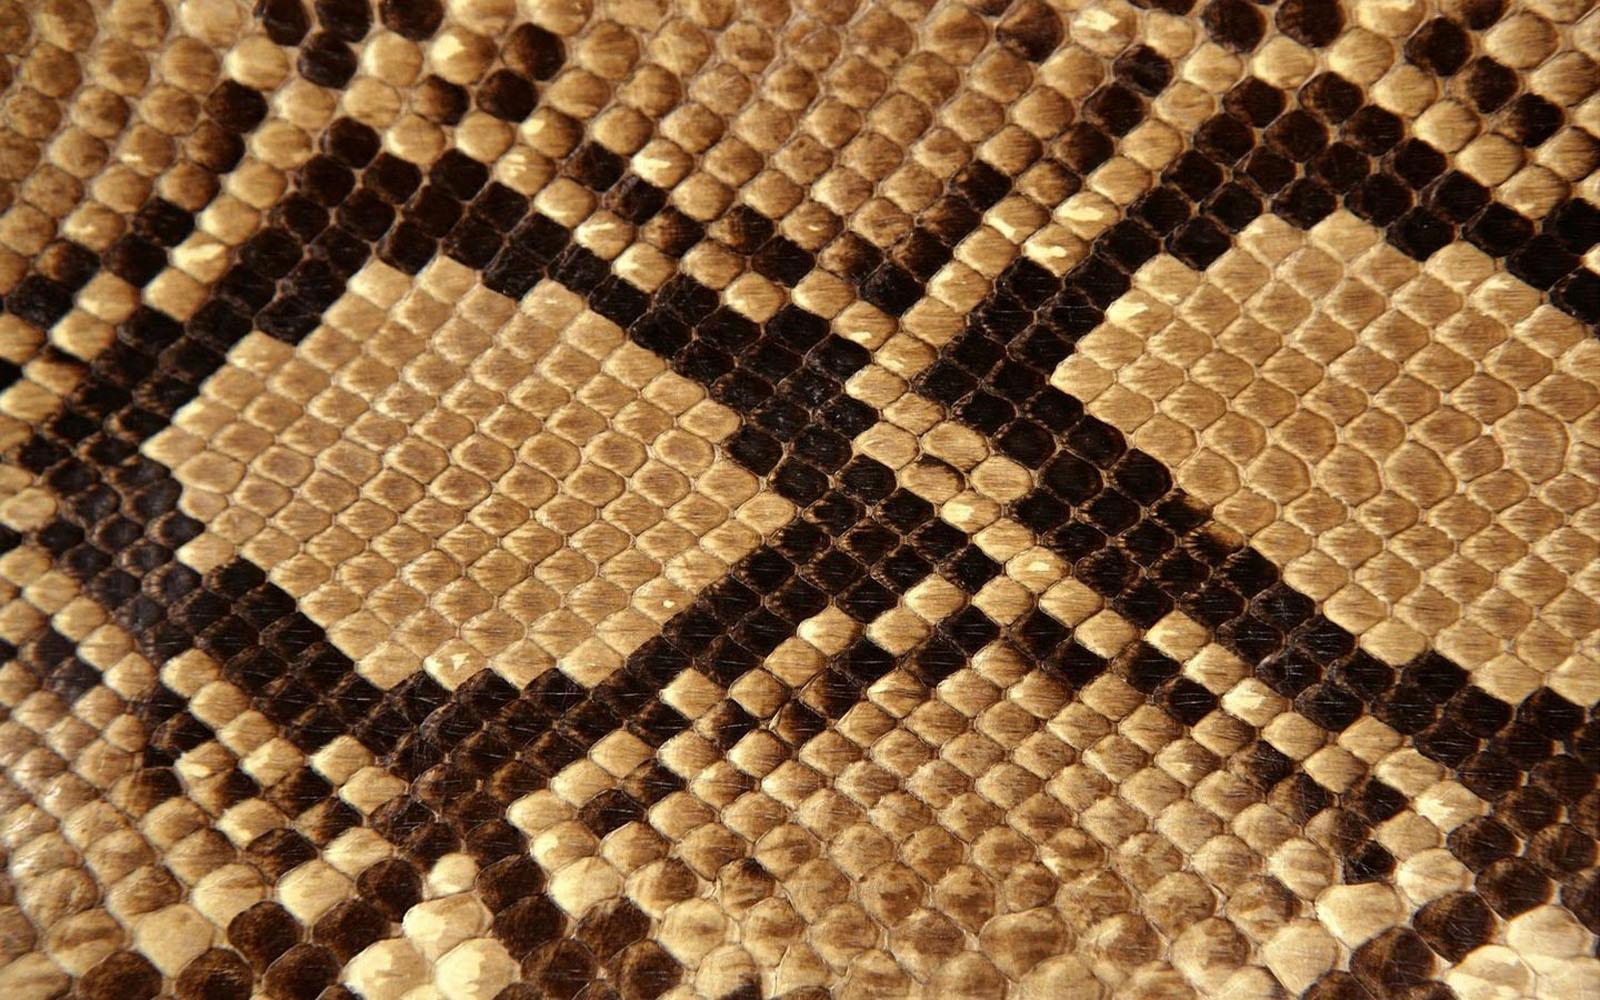 animal skin patterns - photo #12